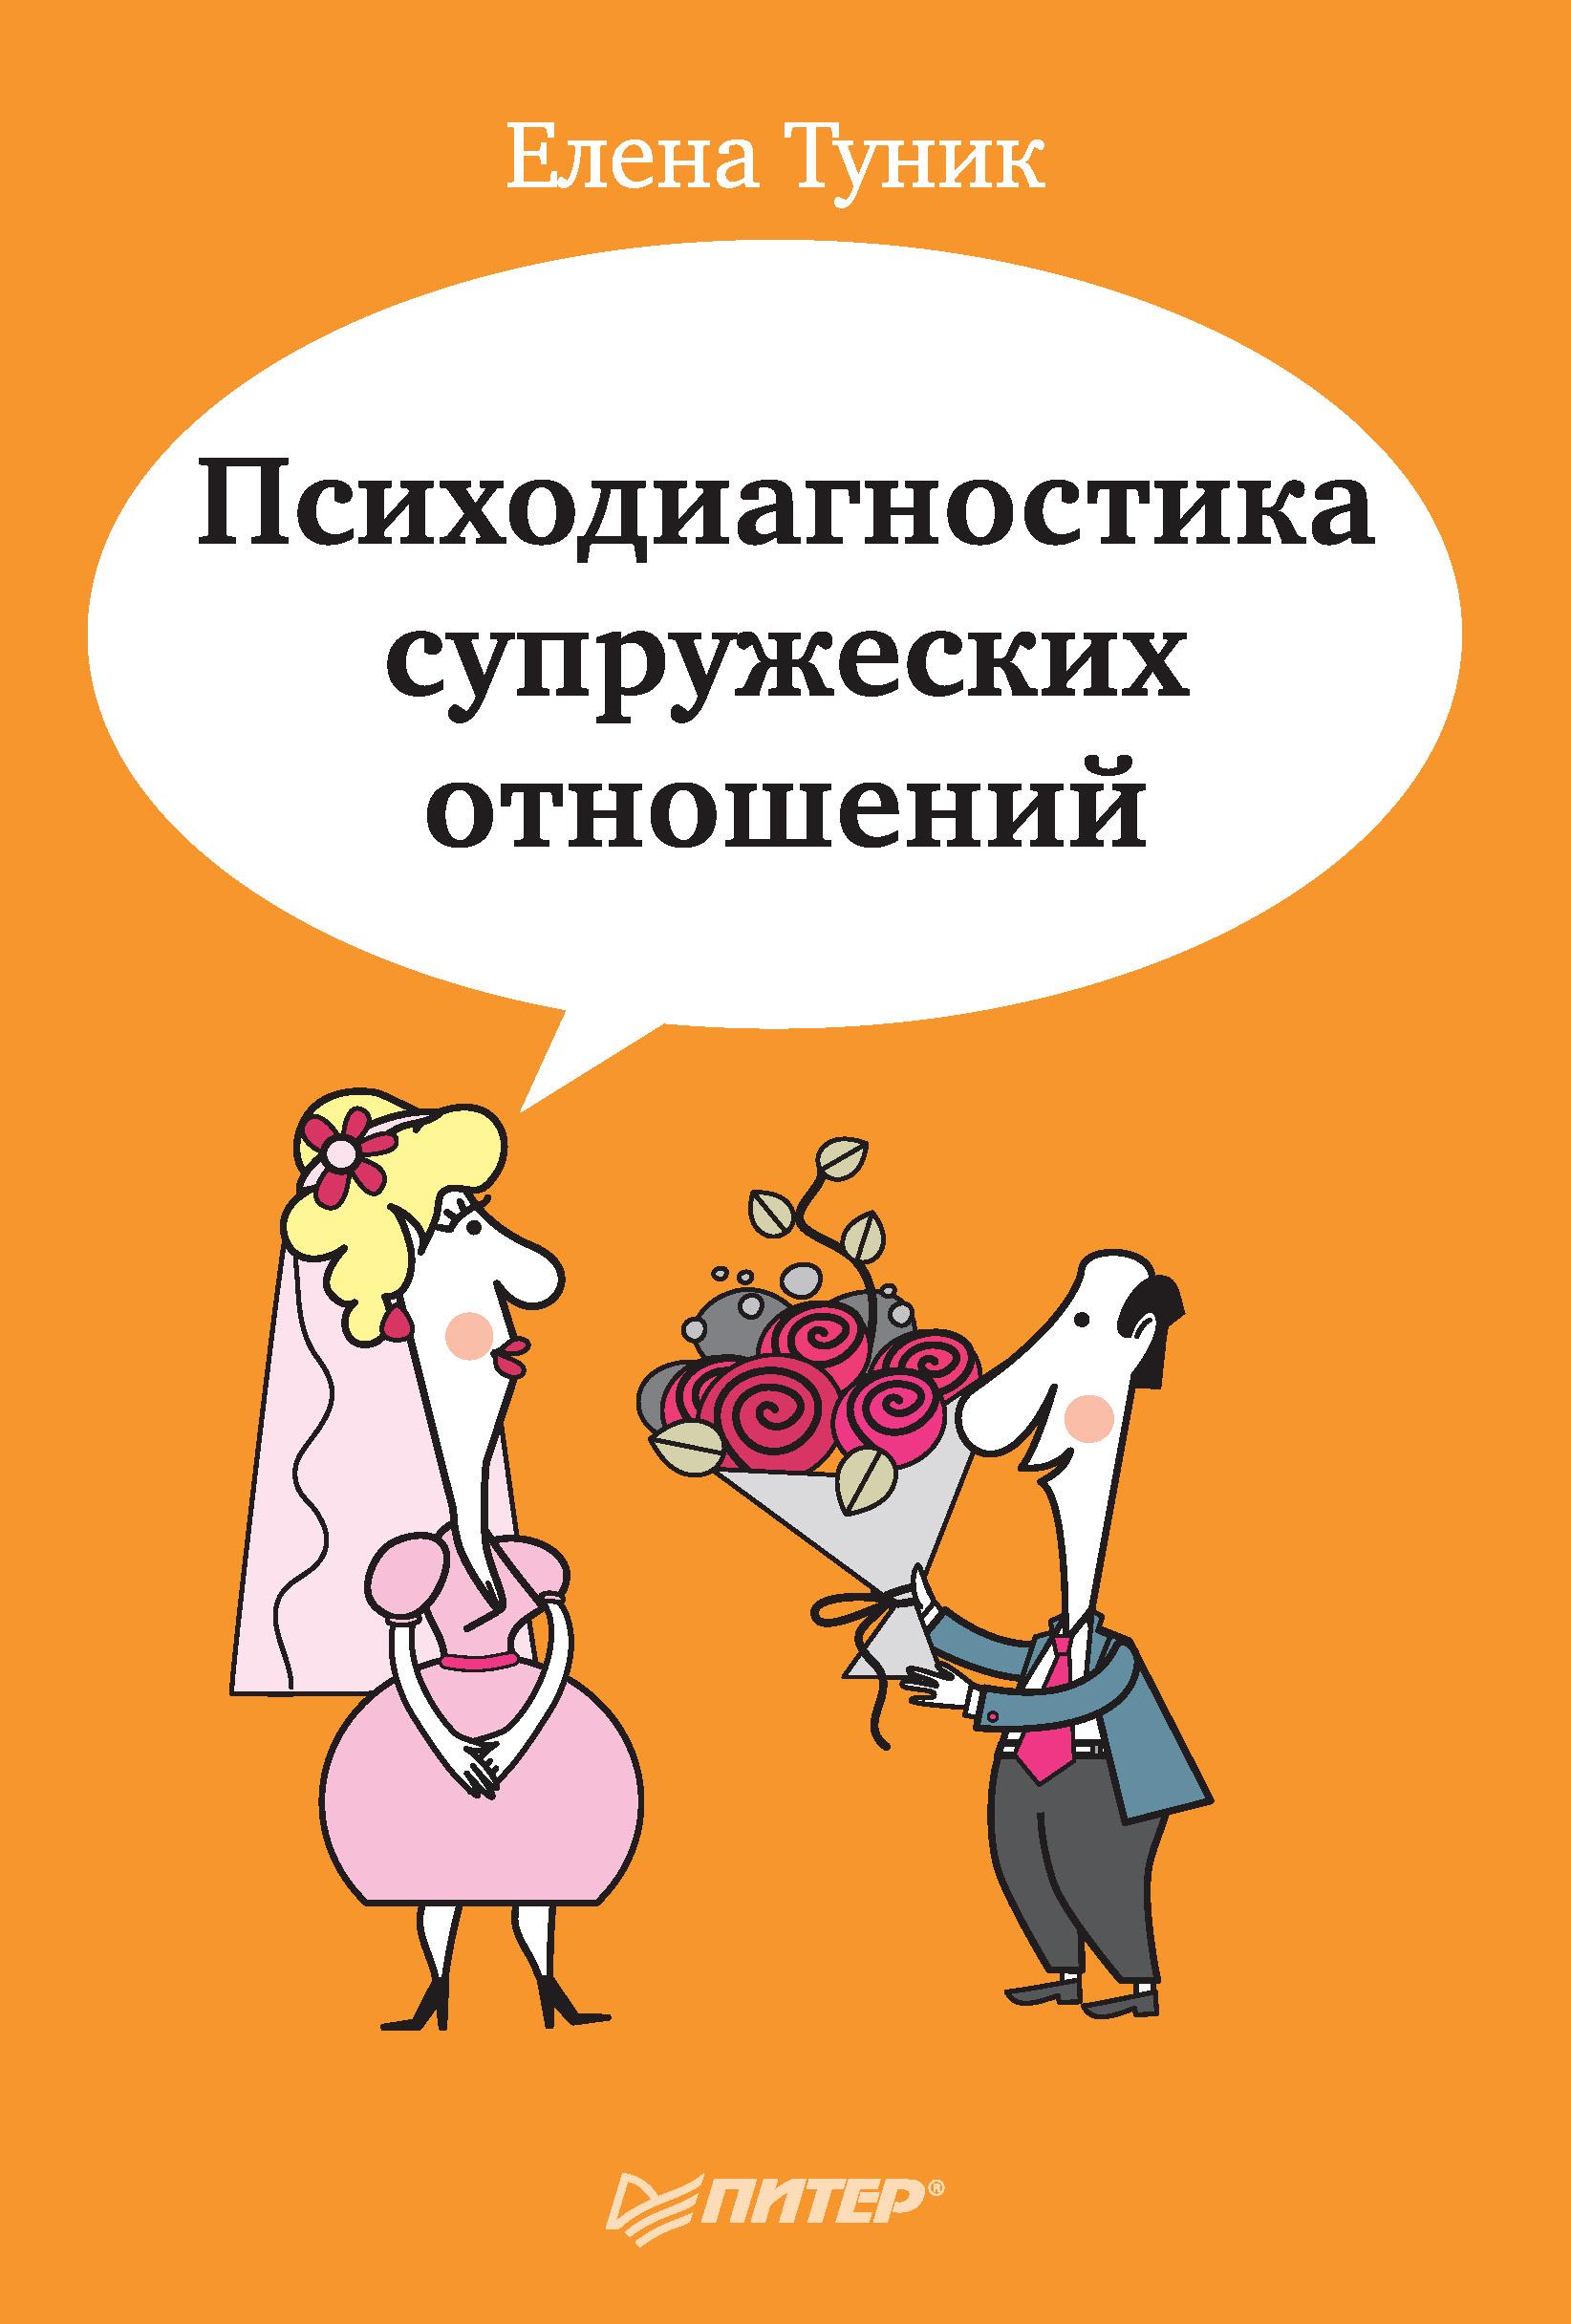 Елена Туник Психодиагностика супружеских отношений